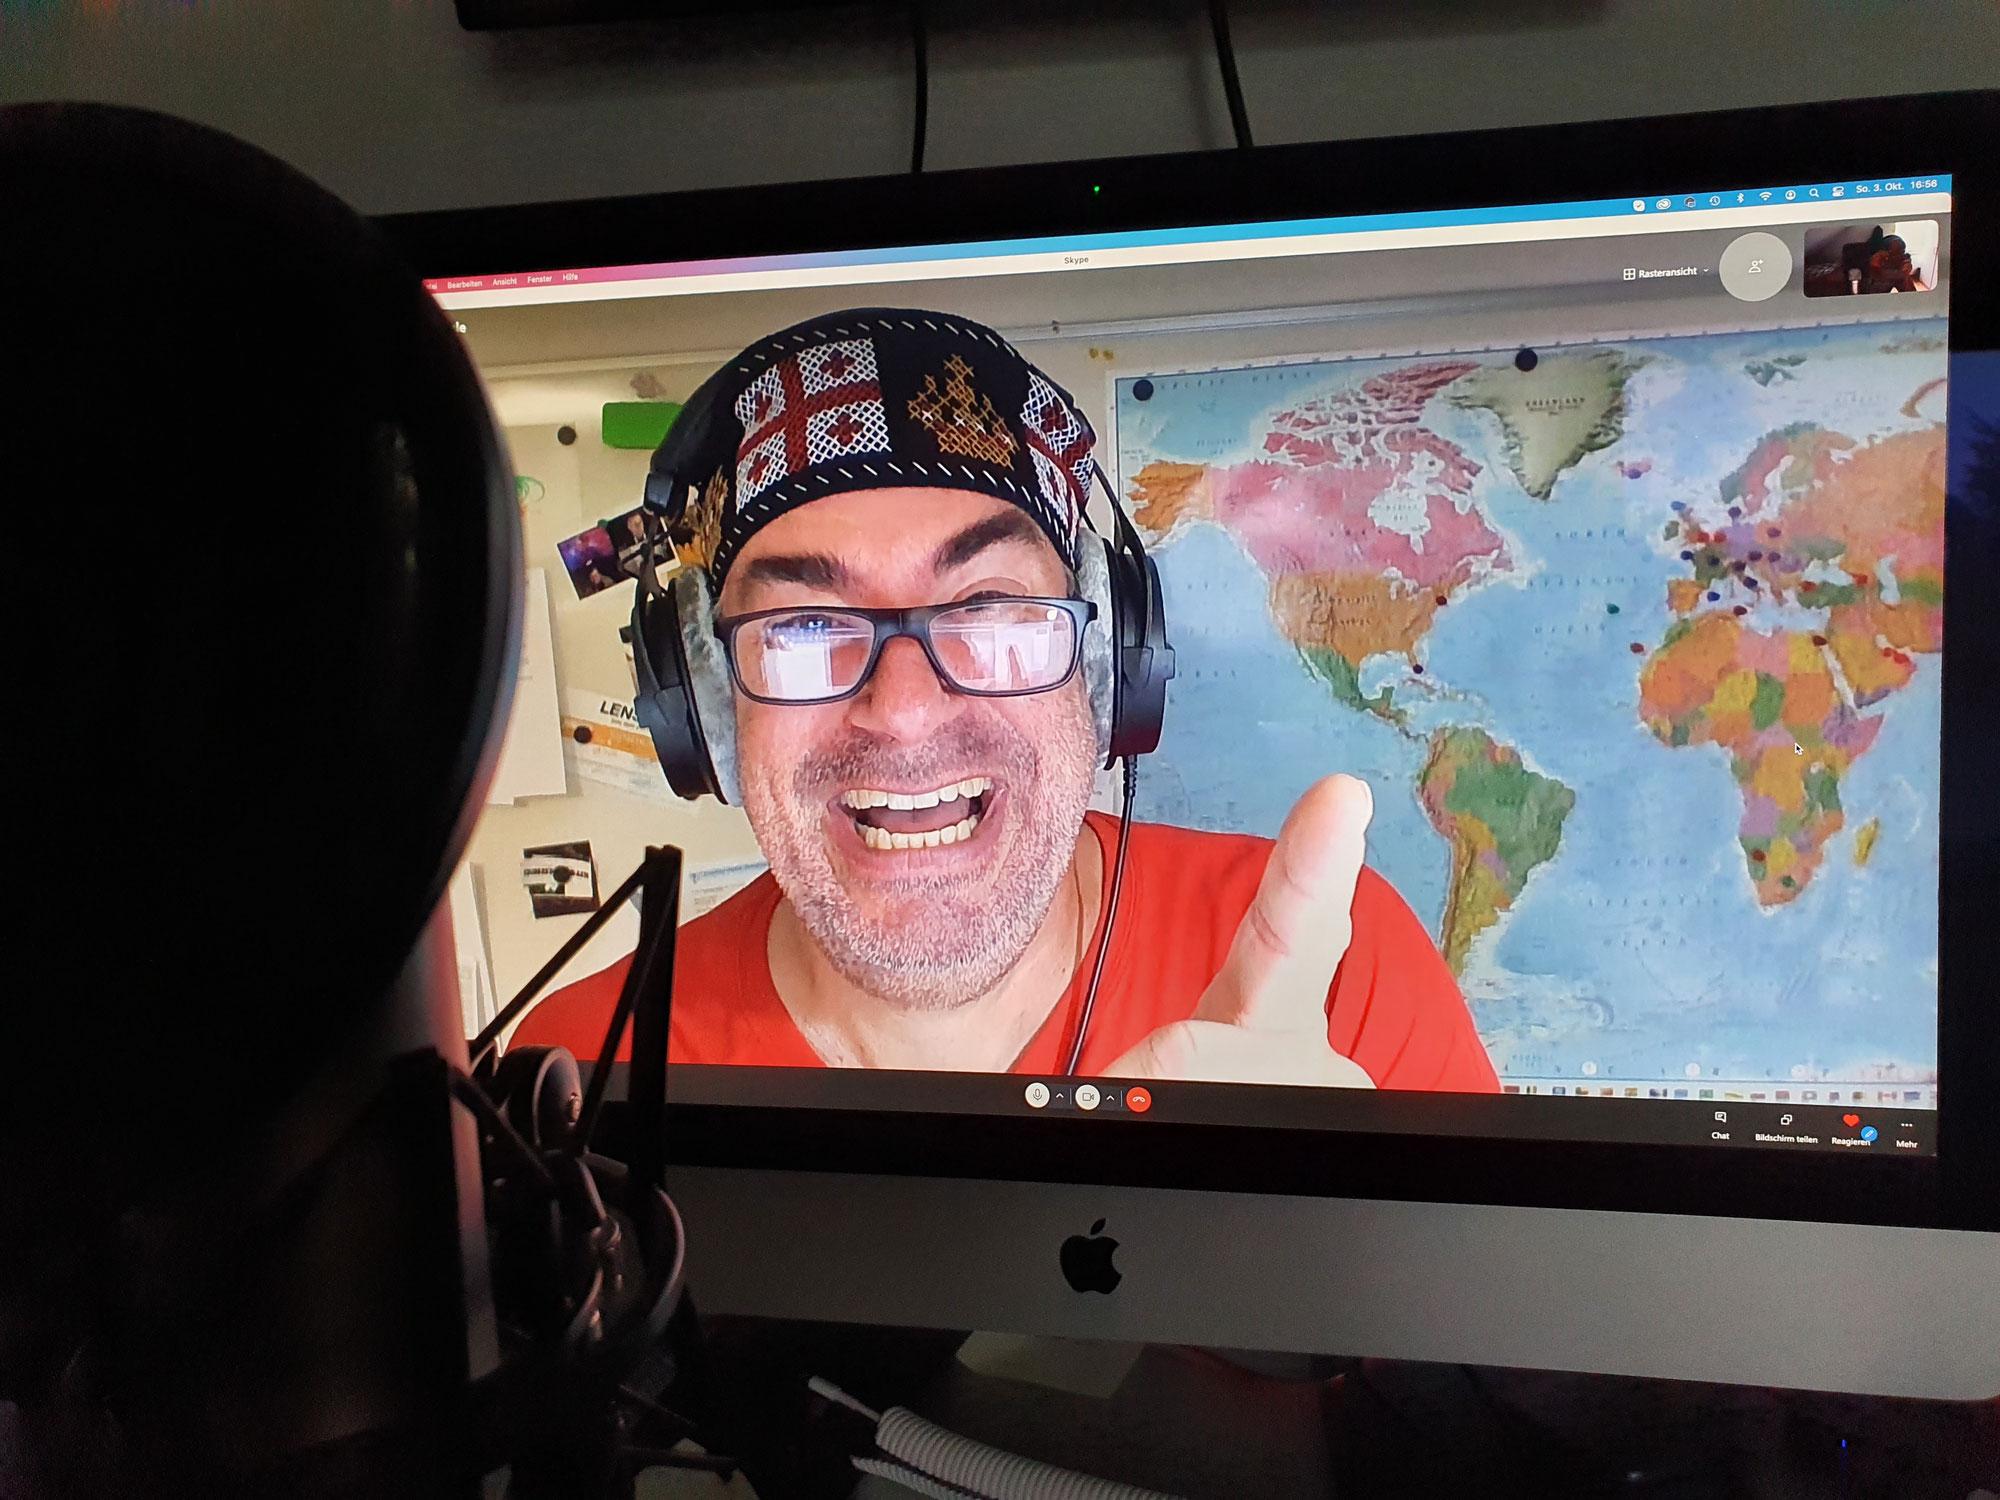 Podcast Folge 47 Plauderecke - In Georgien gibt's keine Photopia! - Interview mit Frank Fischer die Zweite